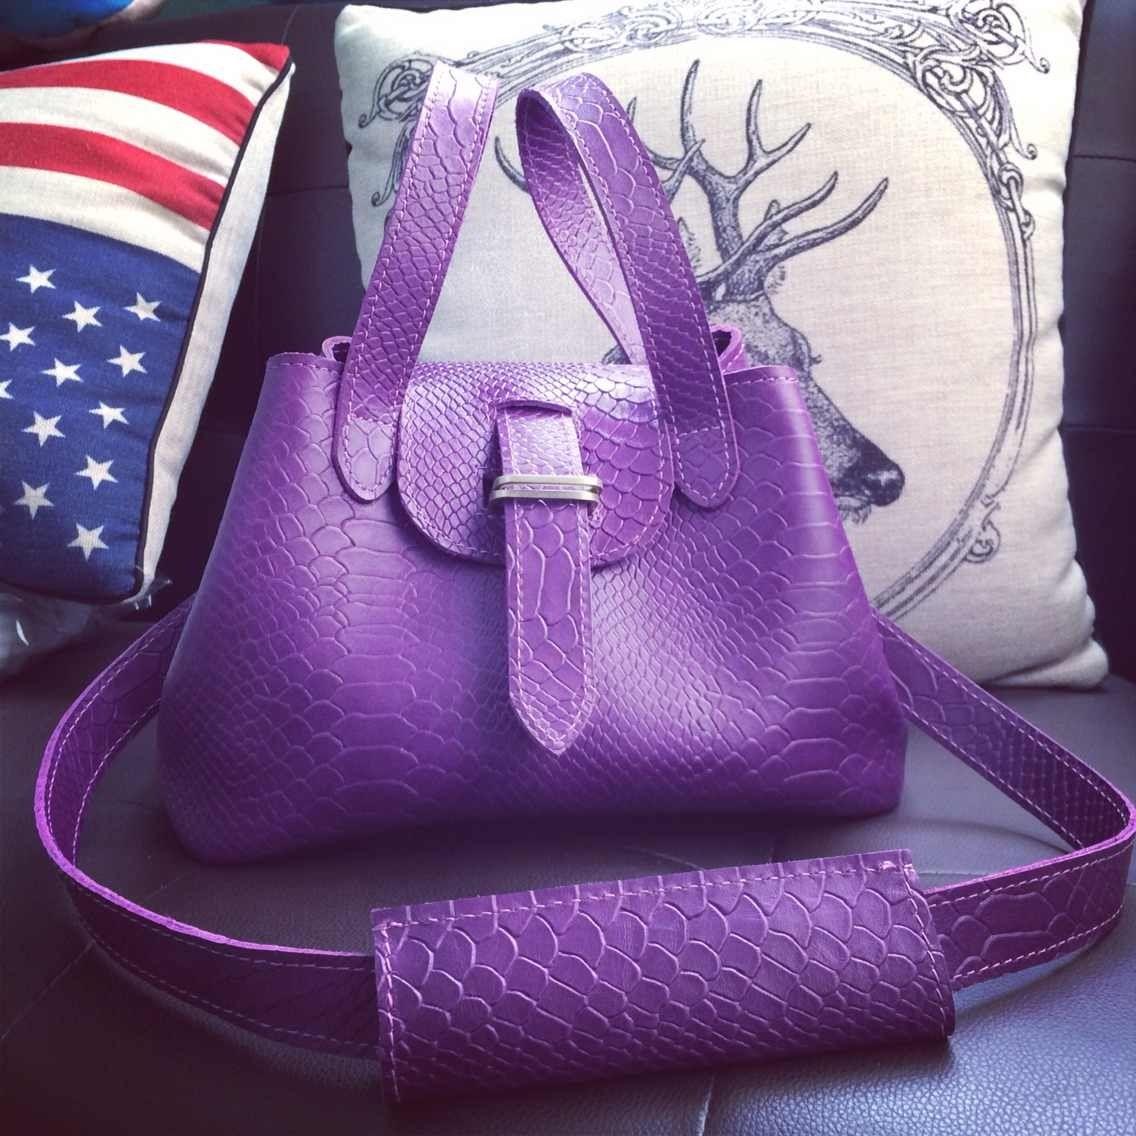 紫色复古包 泛泛定制-- 纯牛皮 复古 购物袋 摇篮包单肩包 手拎包 紫色鳄鱼纹_推荐淘宝好看的紫色复古包